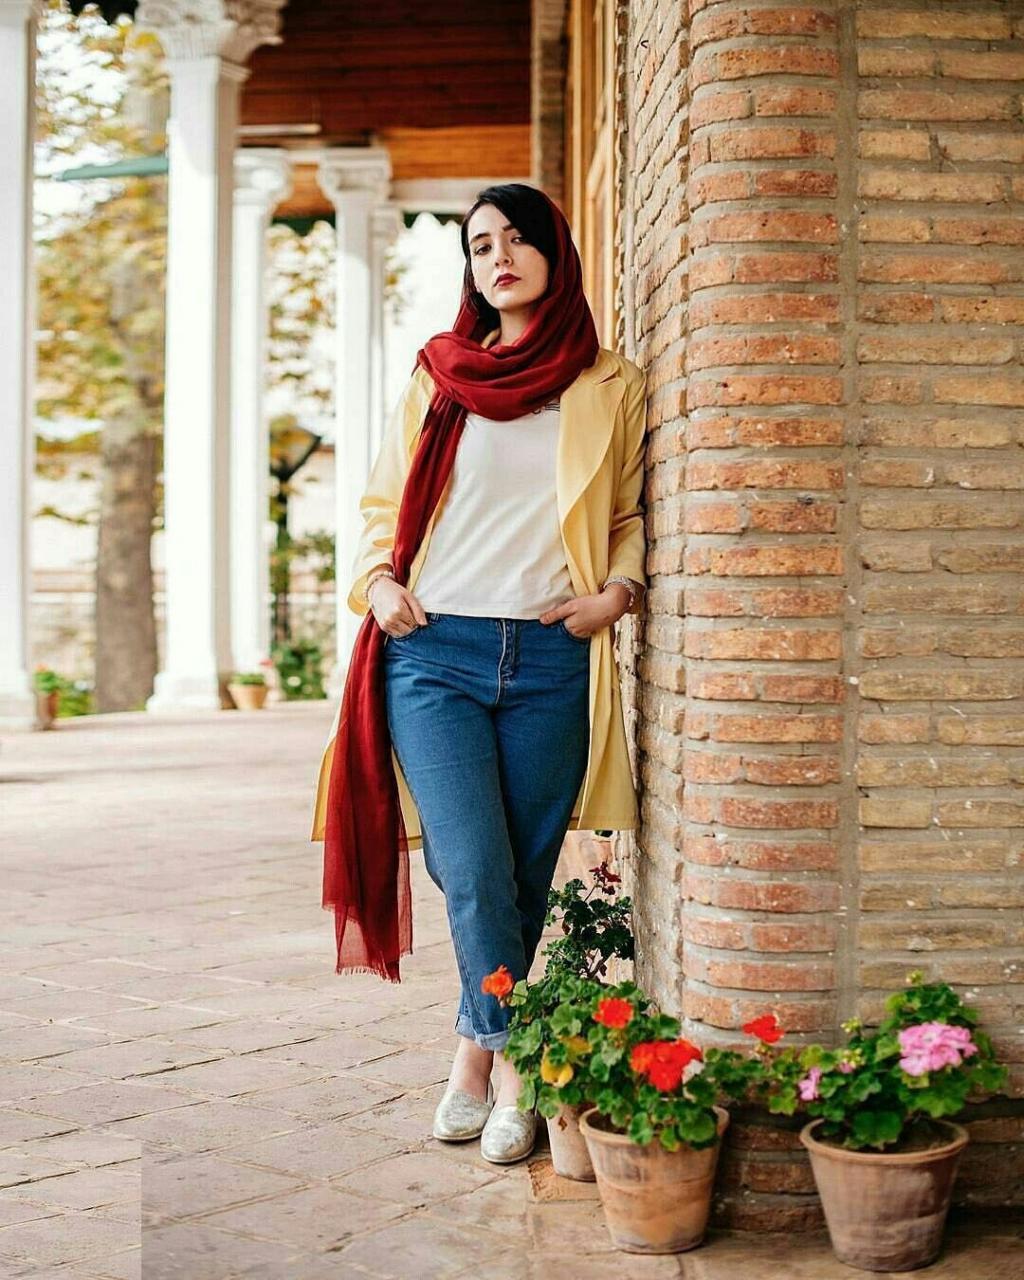 مدل لاکچری ژست عکس دخترانه با حجاب